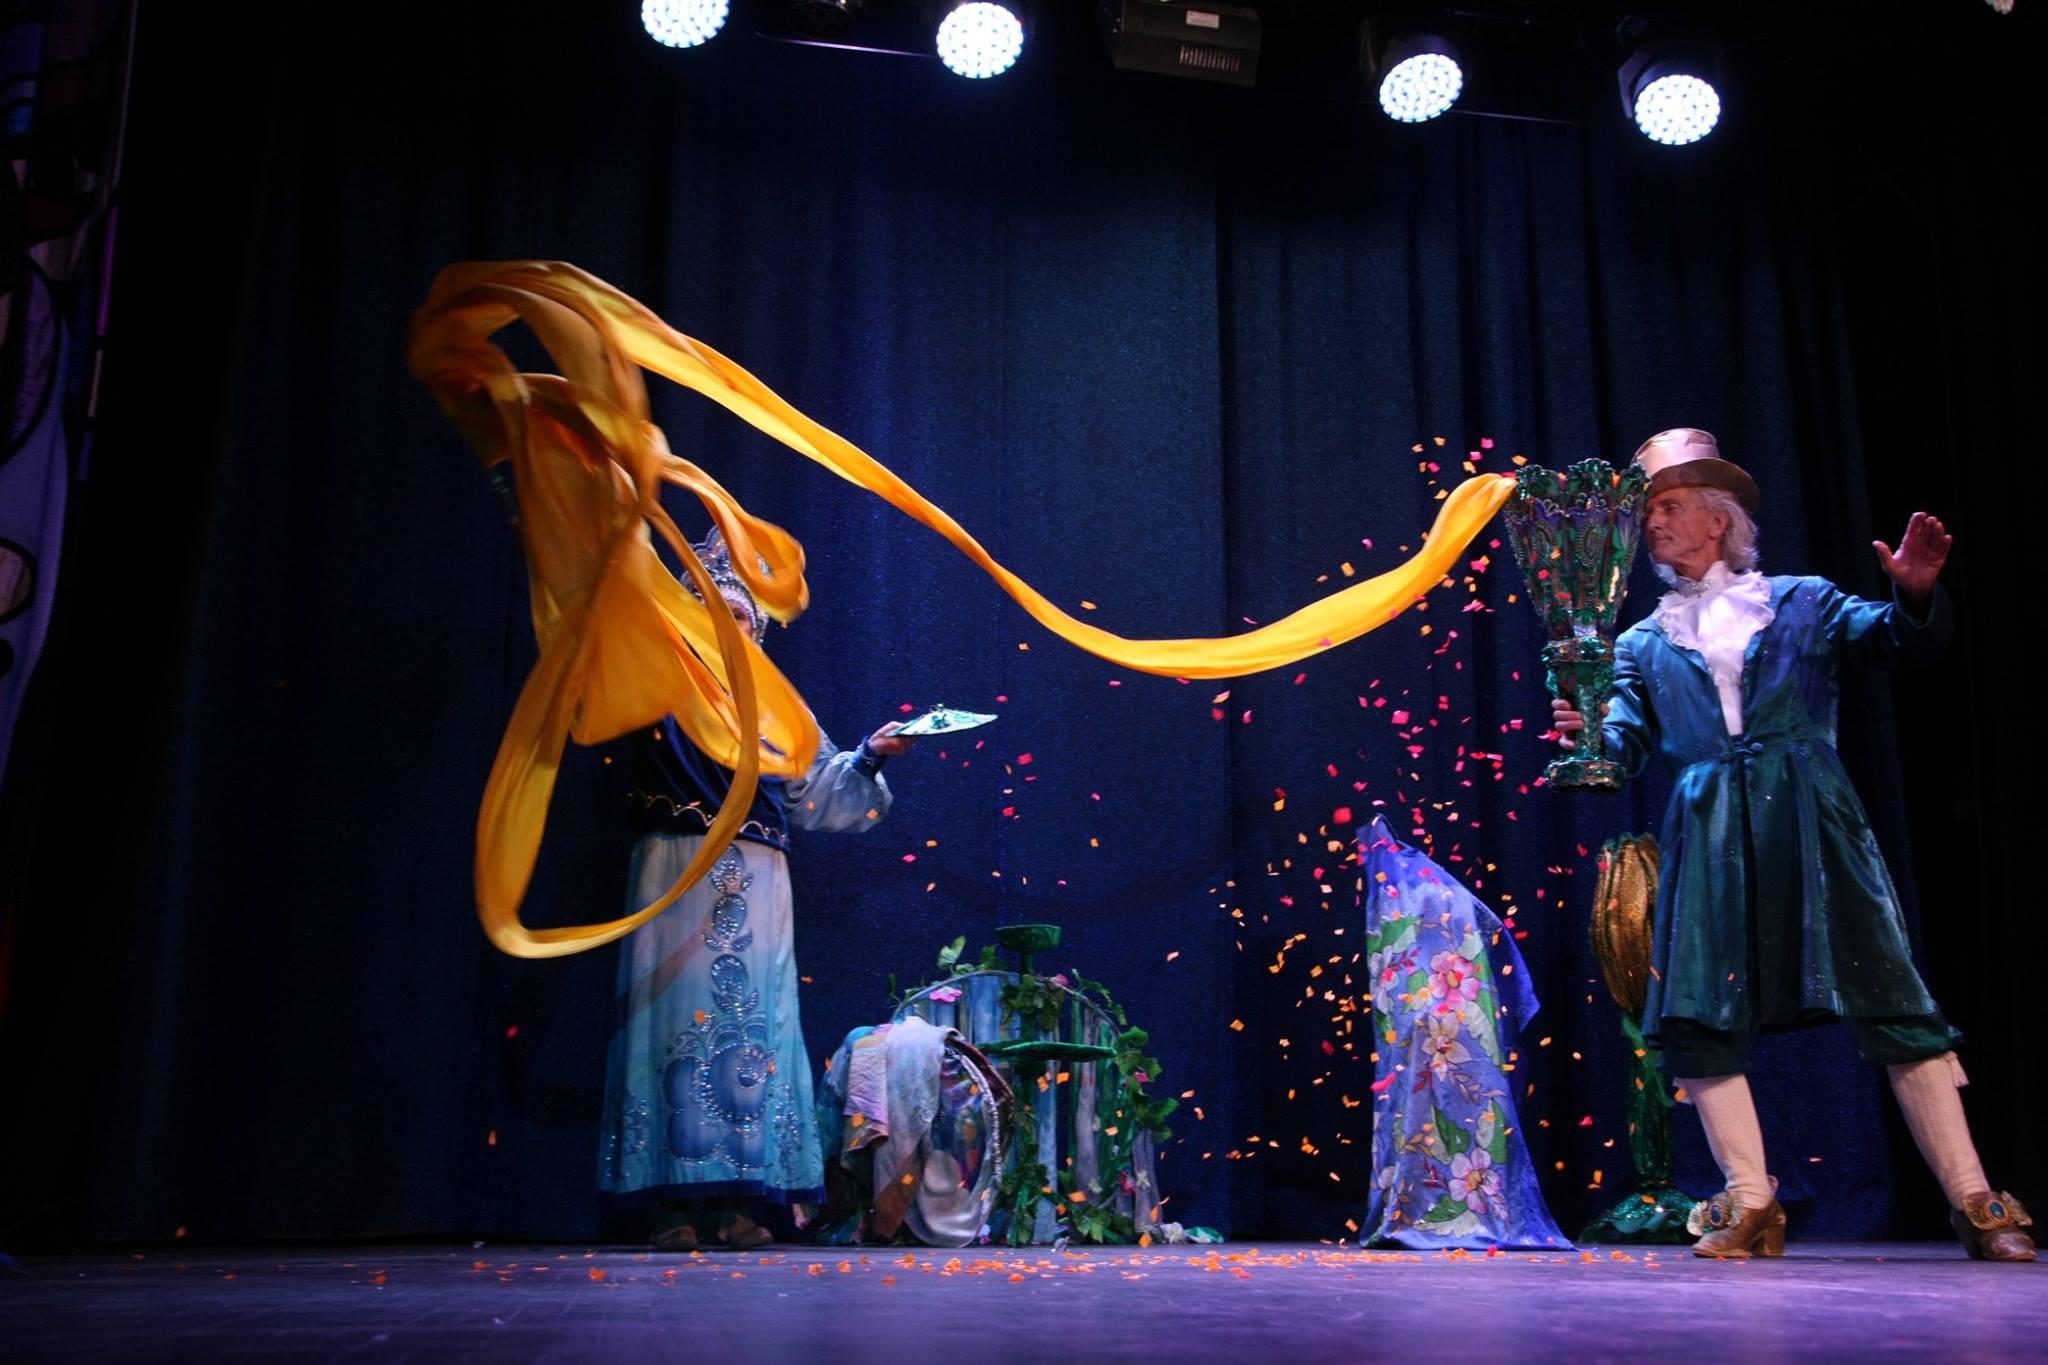 Семейное иллюзионное шоу «Звезды Магии»